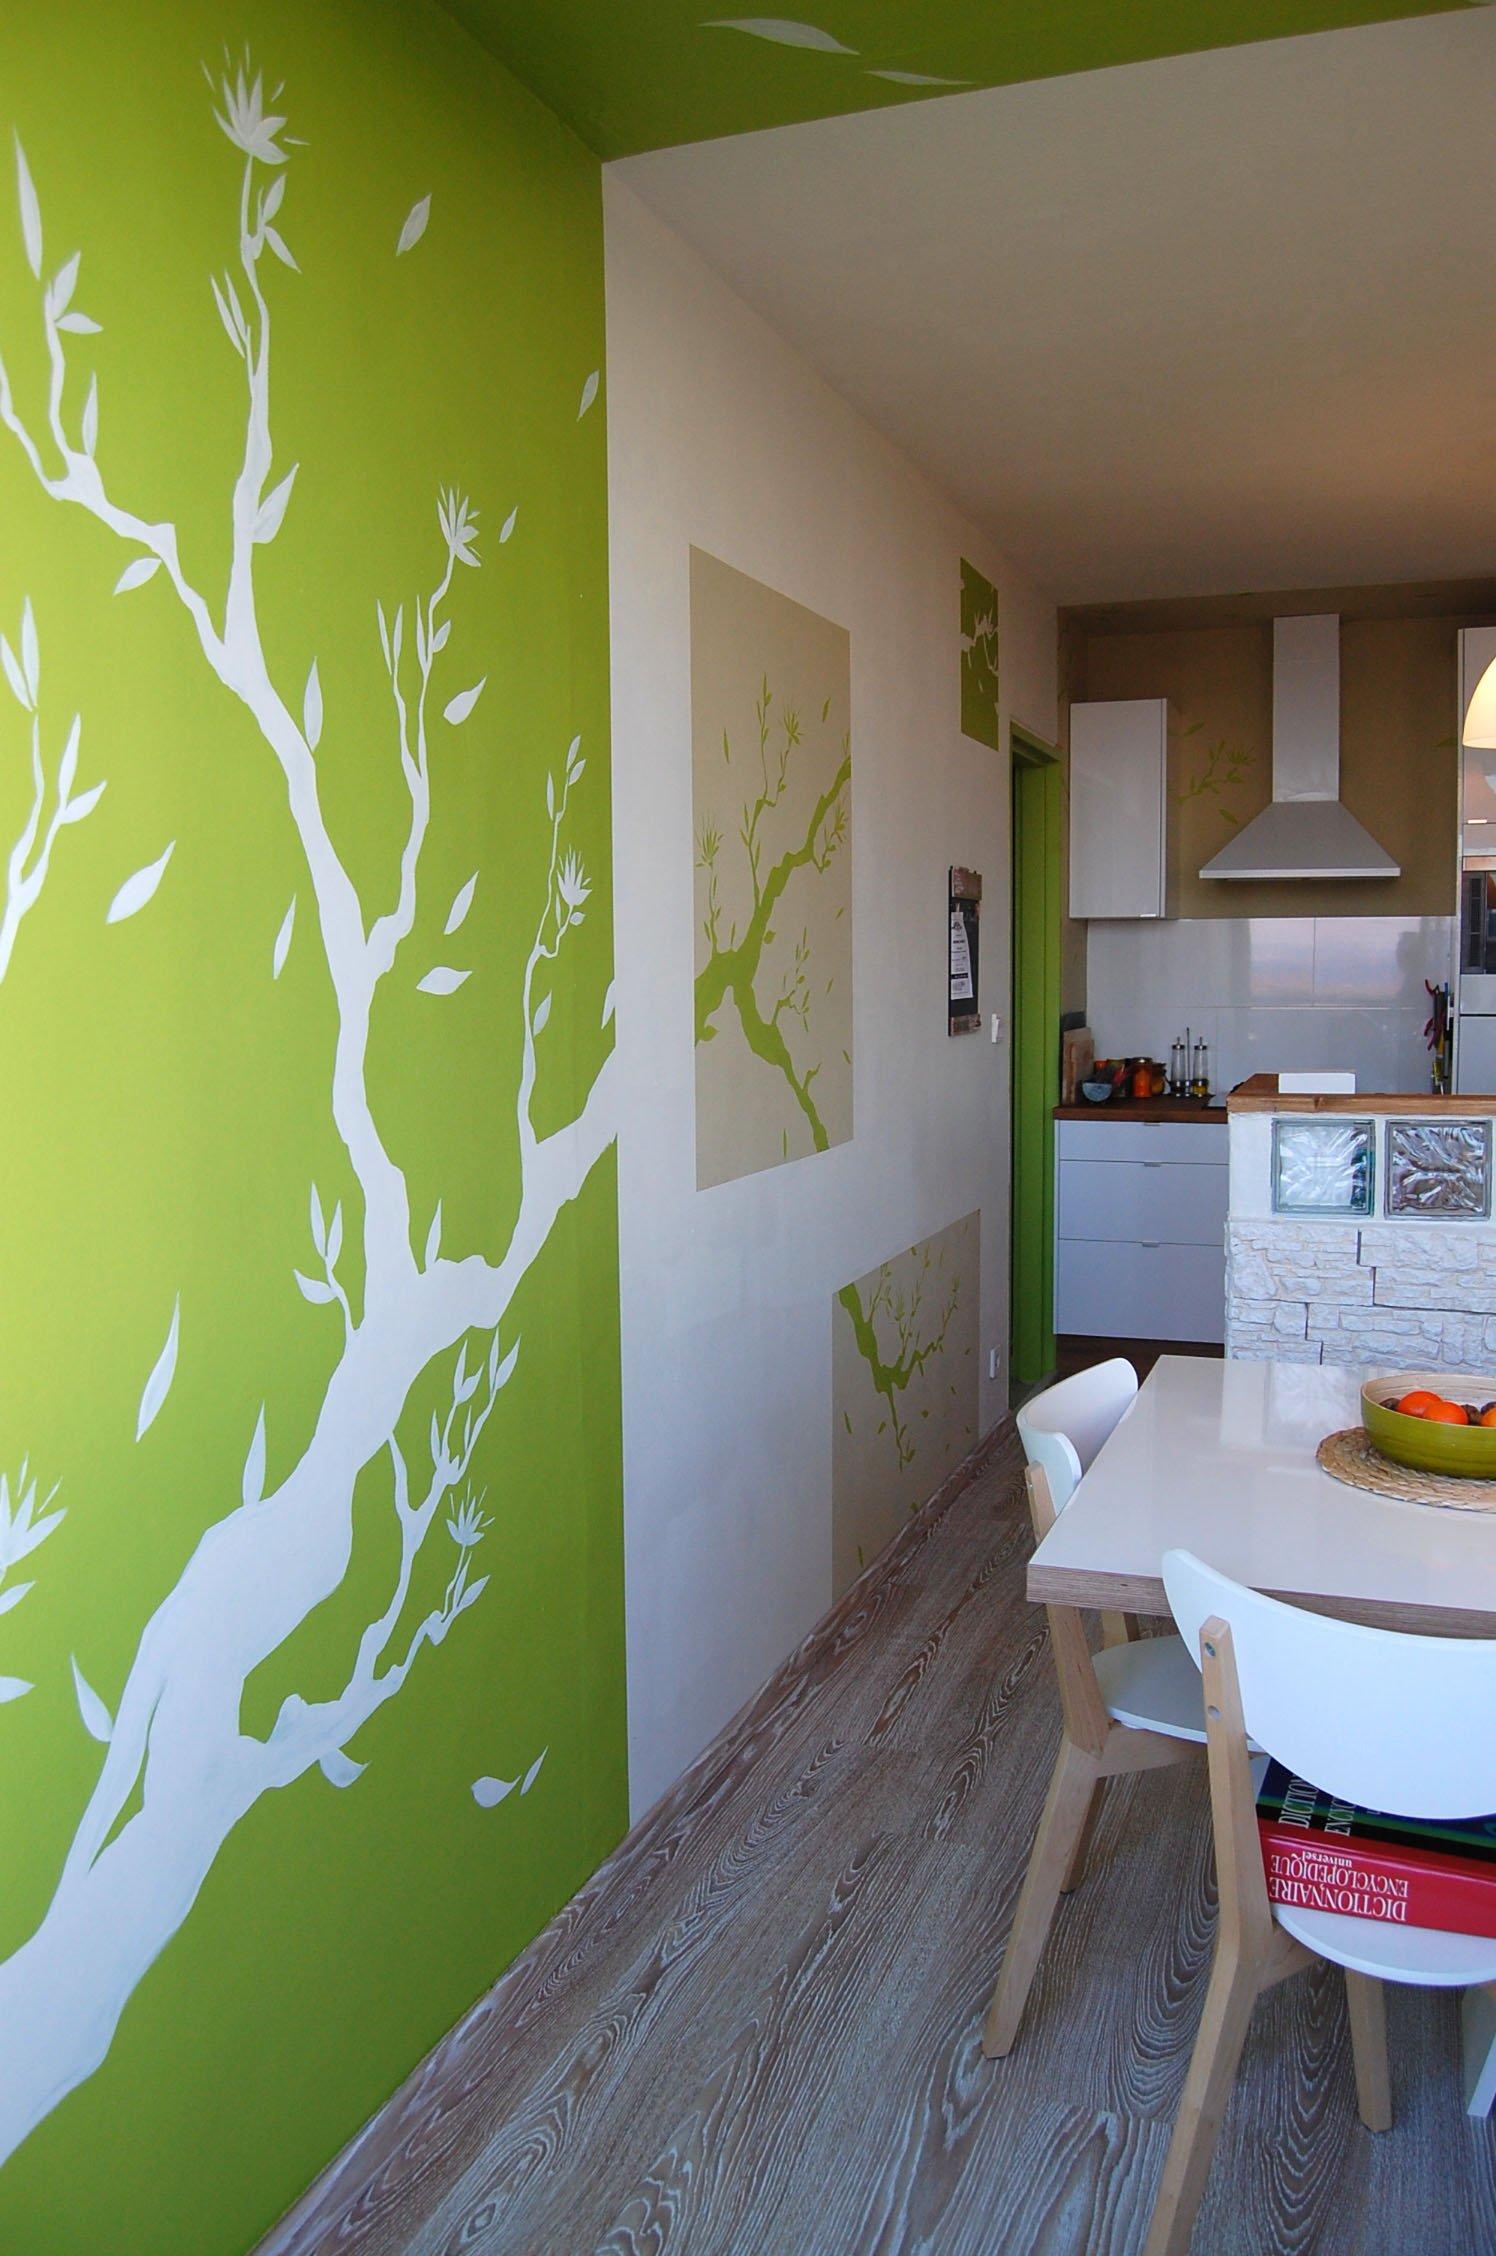 cuisine design dessin sur mur atelier mur 39 mur